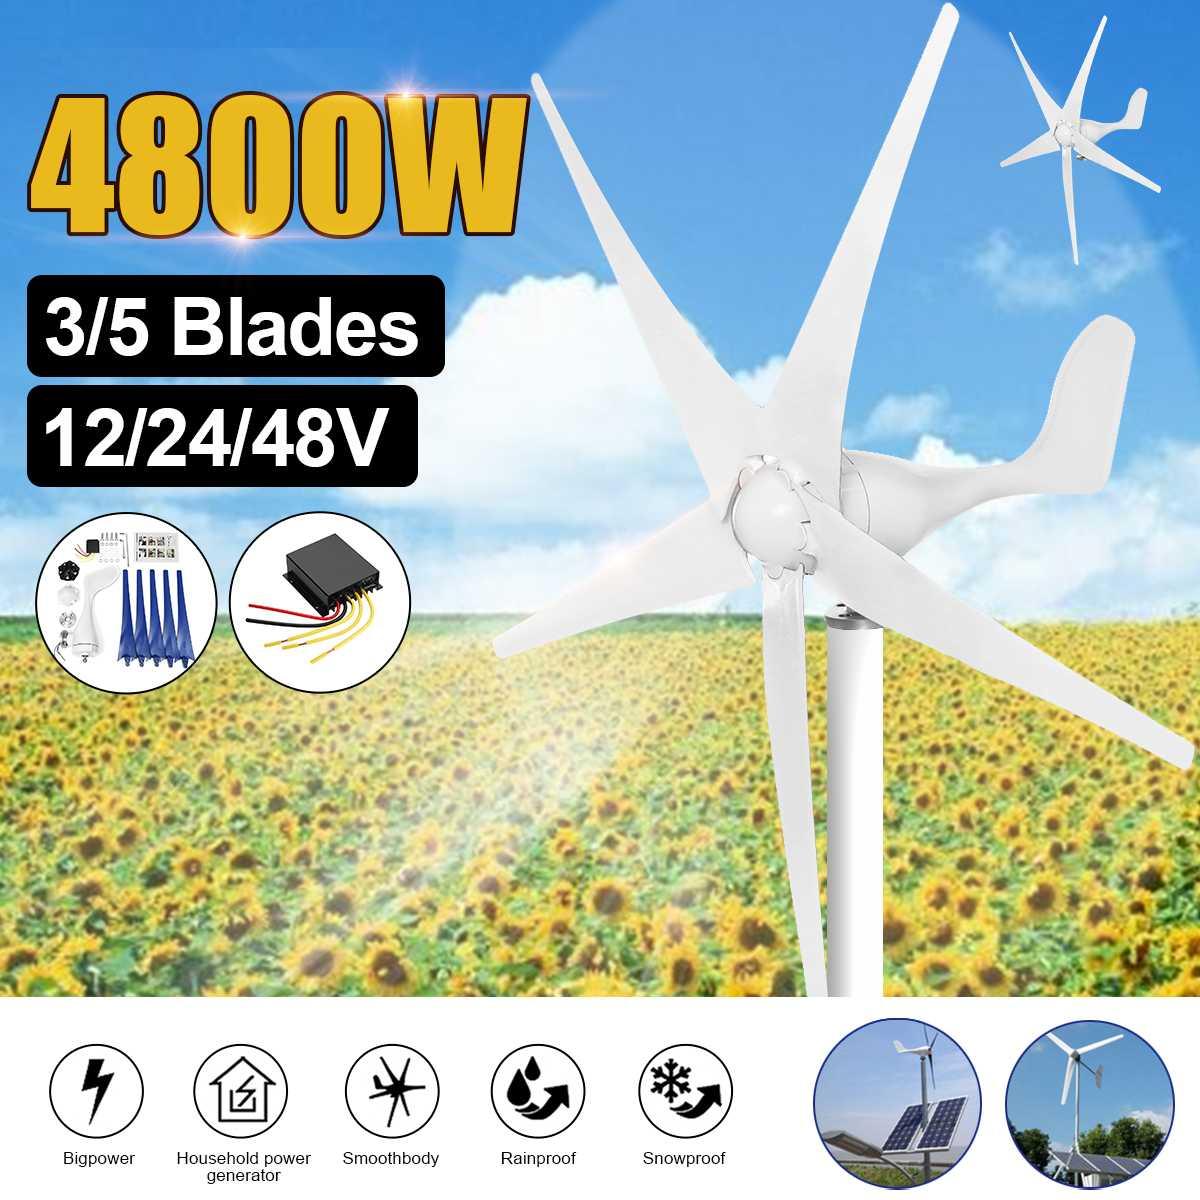 4800 Вт 12/24/48V ветряной Мощность турбины генератора 3/5 ветра лопатки вариант с контроллером заряда подходят для дома кемпинг фонарь